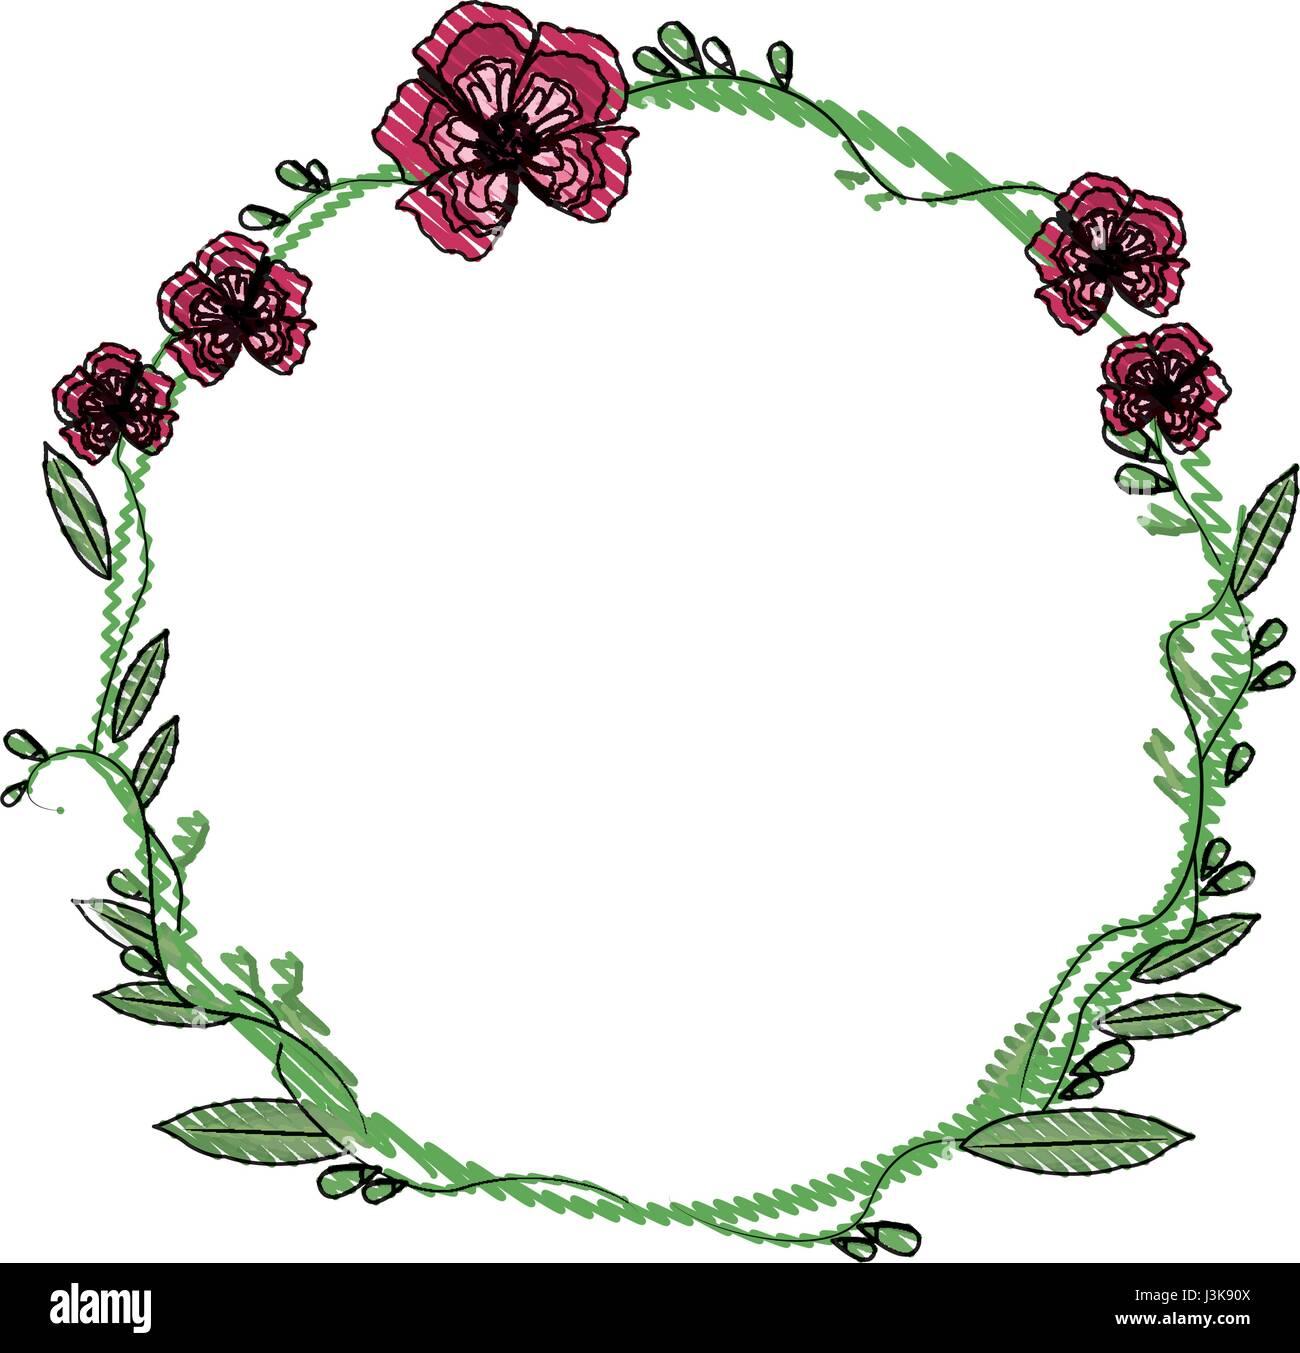 Couronne De Fleurs Décoration Fleurs Dessin Vecteurs Et Illustration